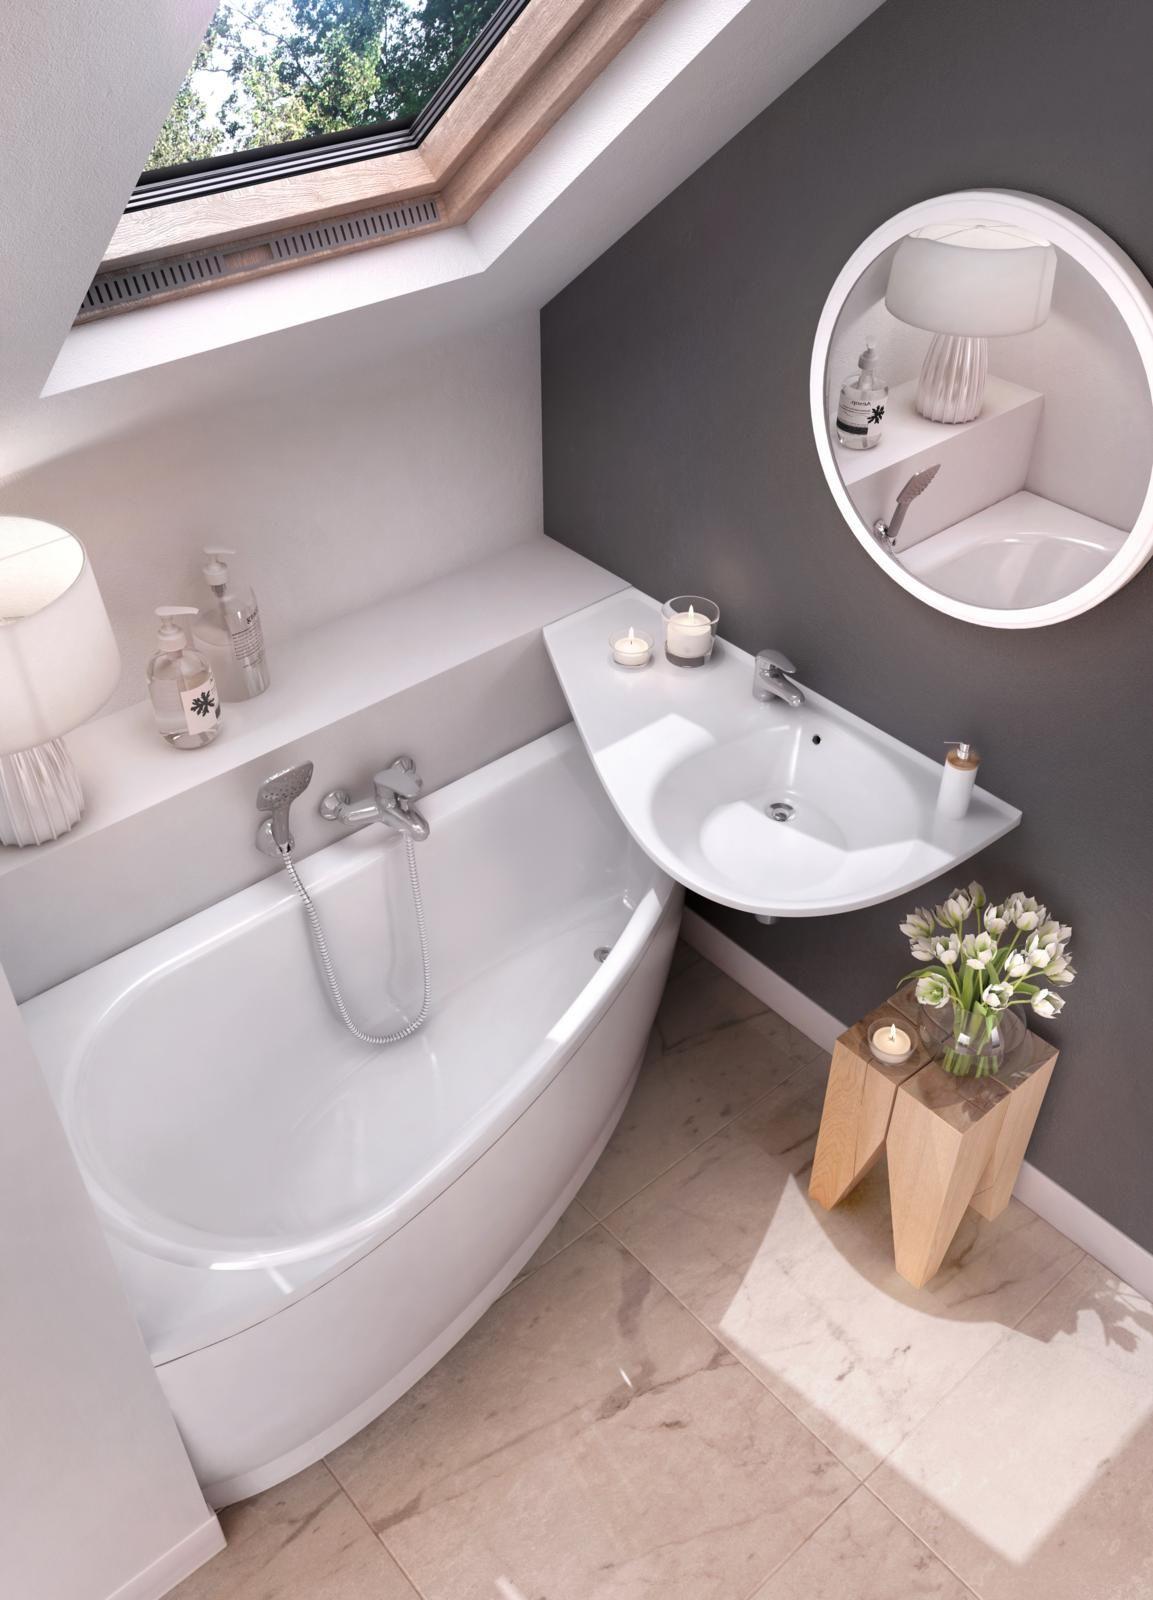 Az Avocado fürdőszoba koncepció szaniterei (kád, mosdókagyló) a ...